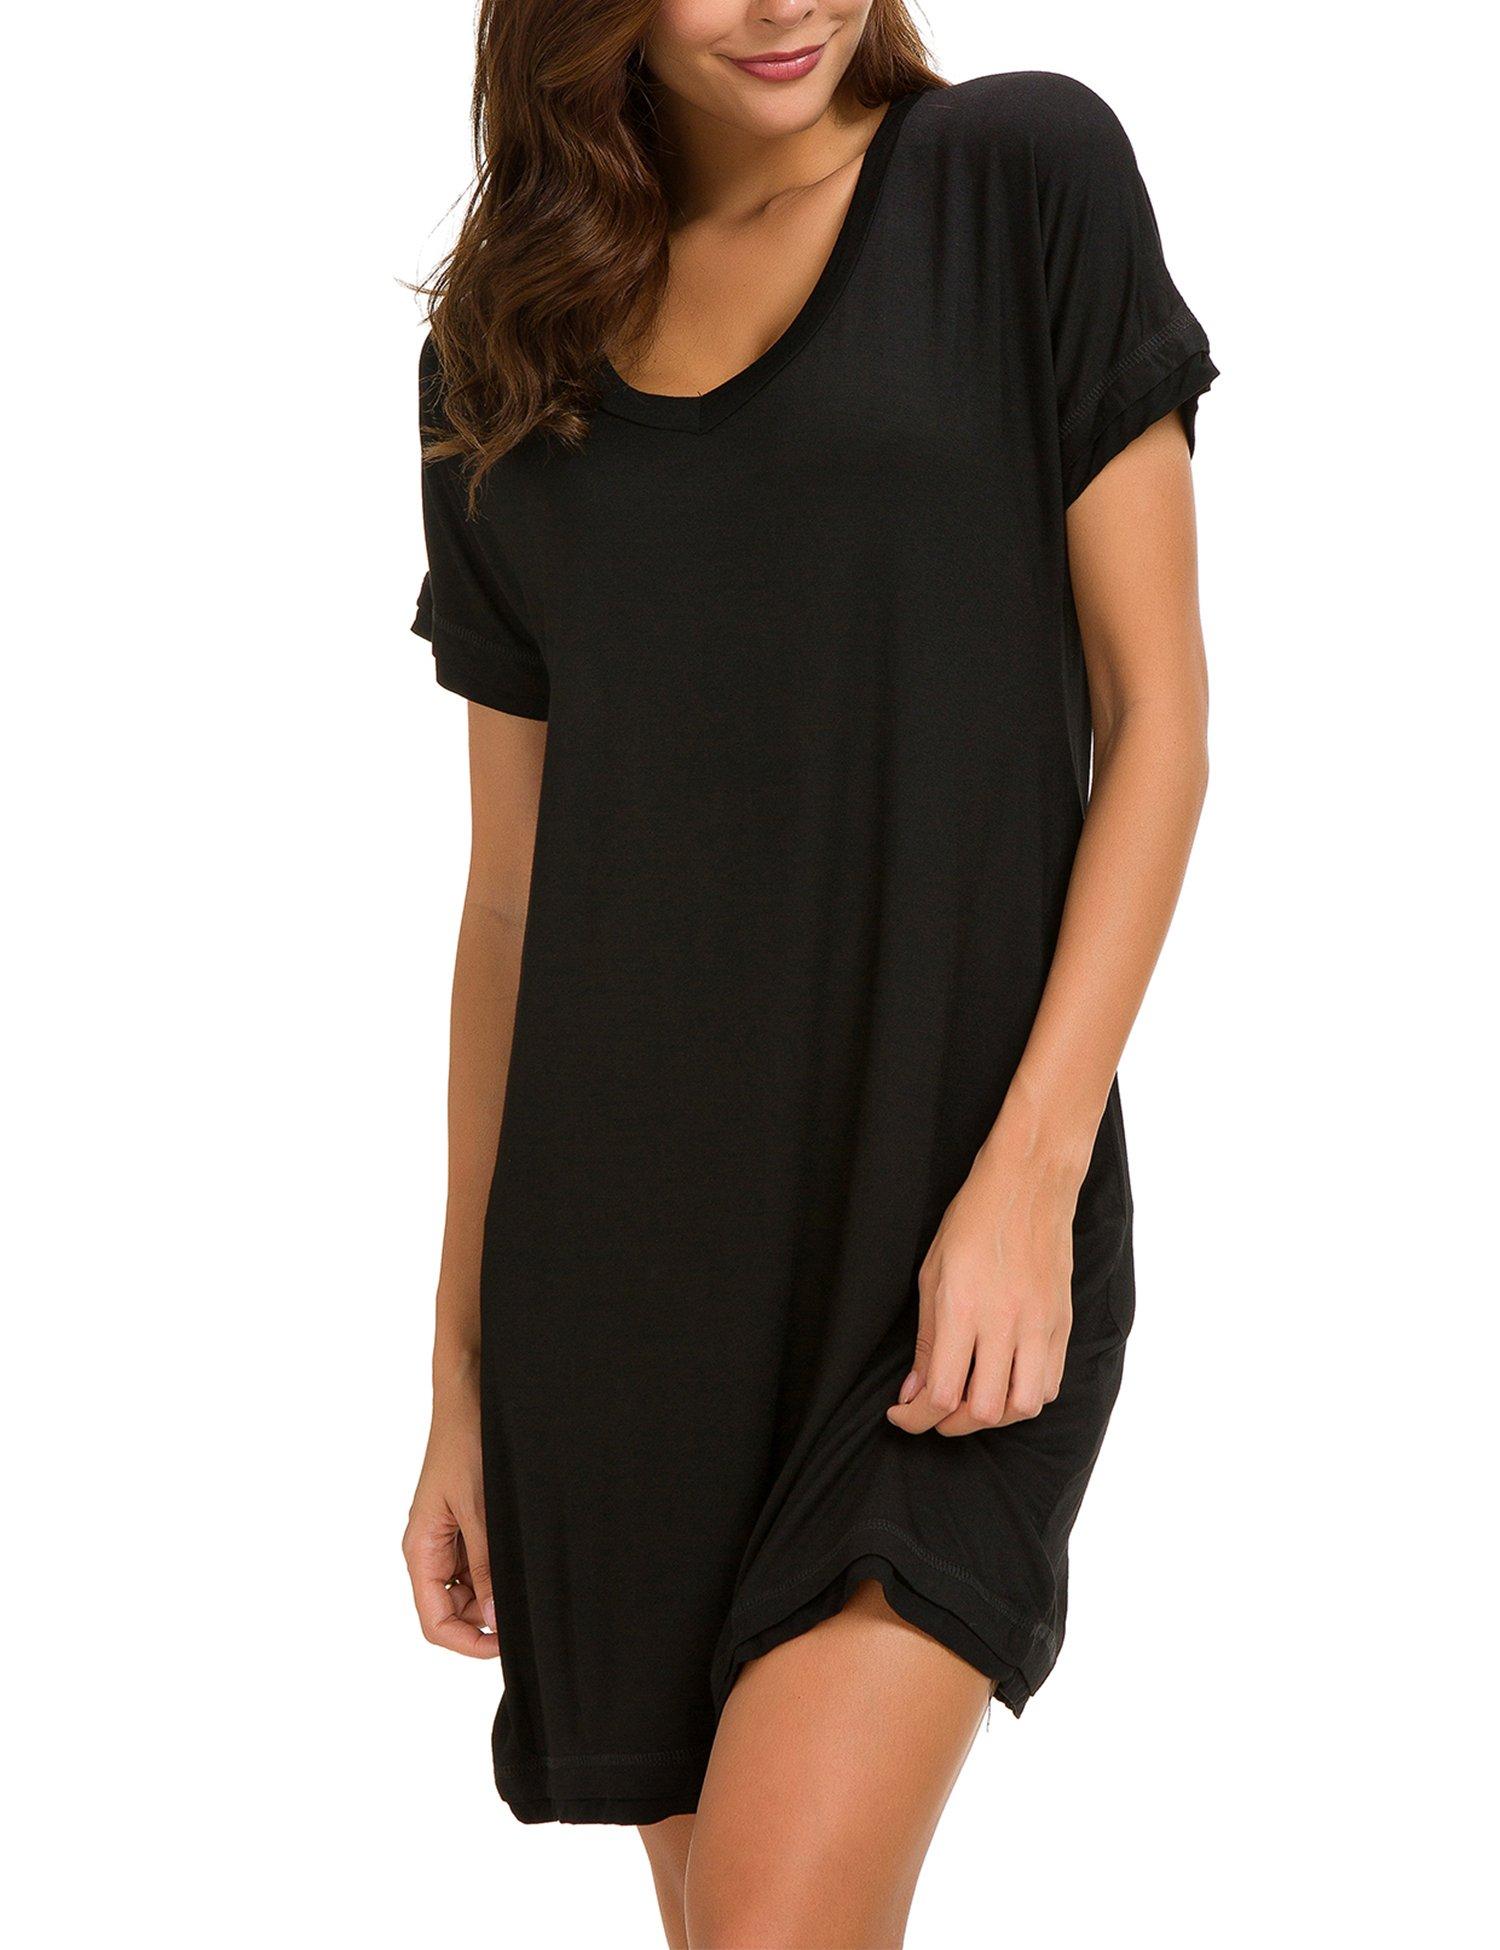 Dolay Women's Sleepwear Cotton Sleep Tee Short Sleeves Knit Sleepshirt (Black, XL) by Dolay (Image #5)